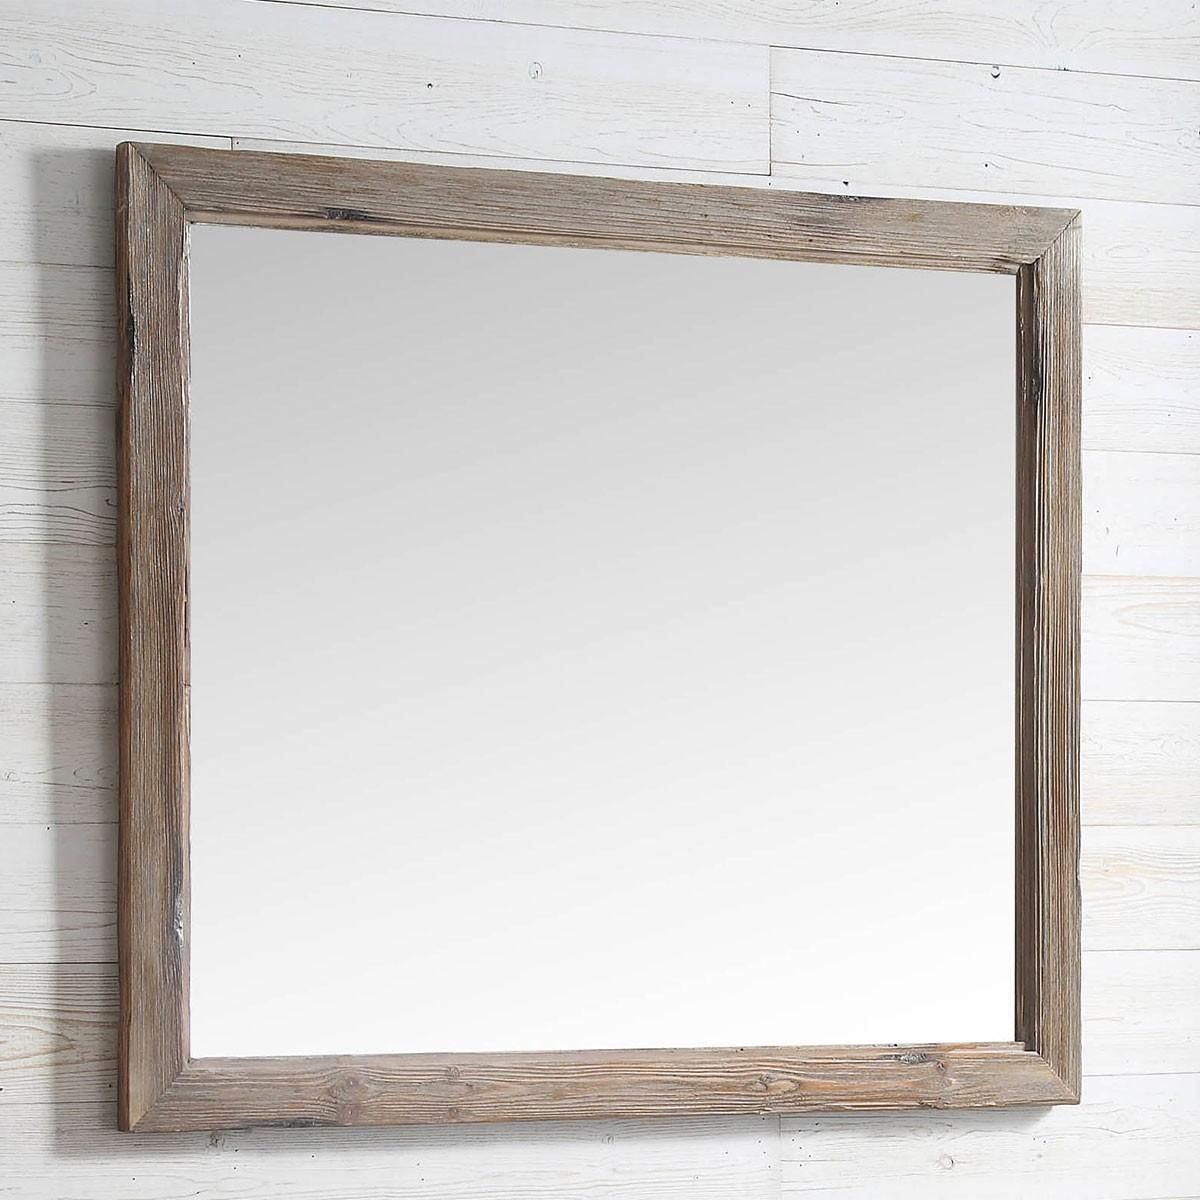 42 x 36 po miroir pour vanit avec cadre en bois de sapin for Miroir pour douche